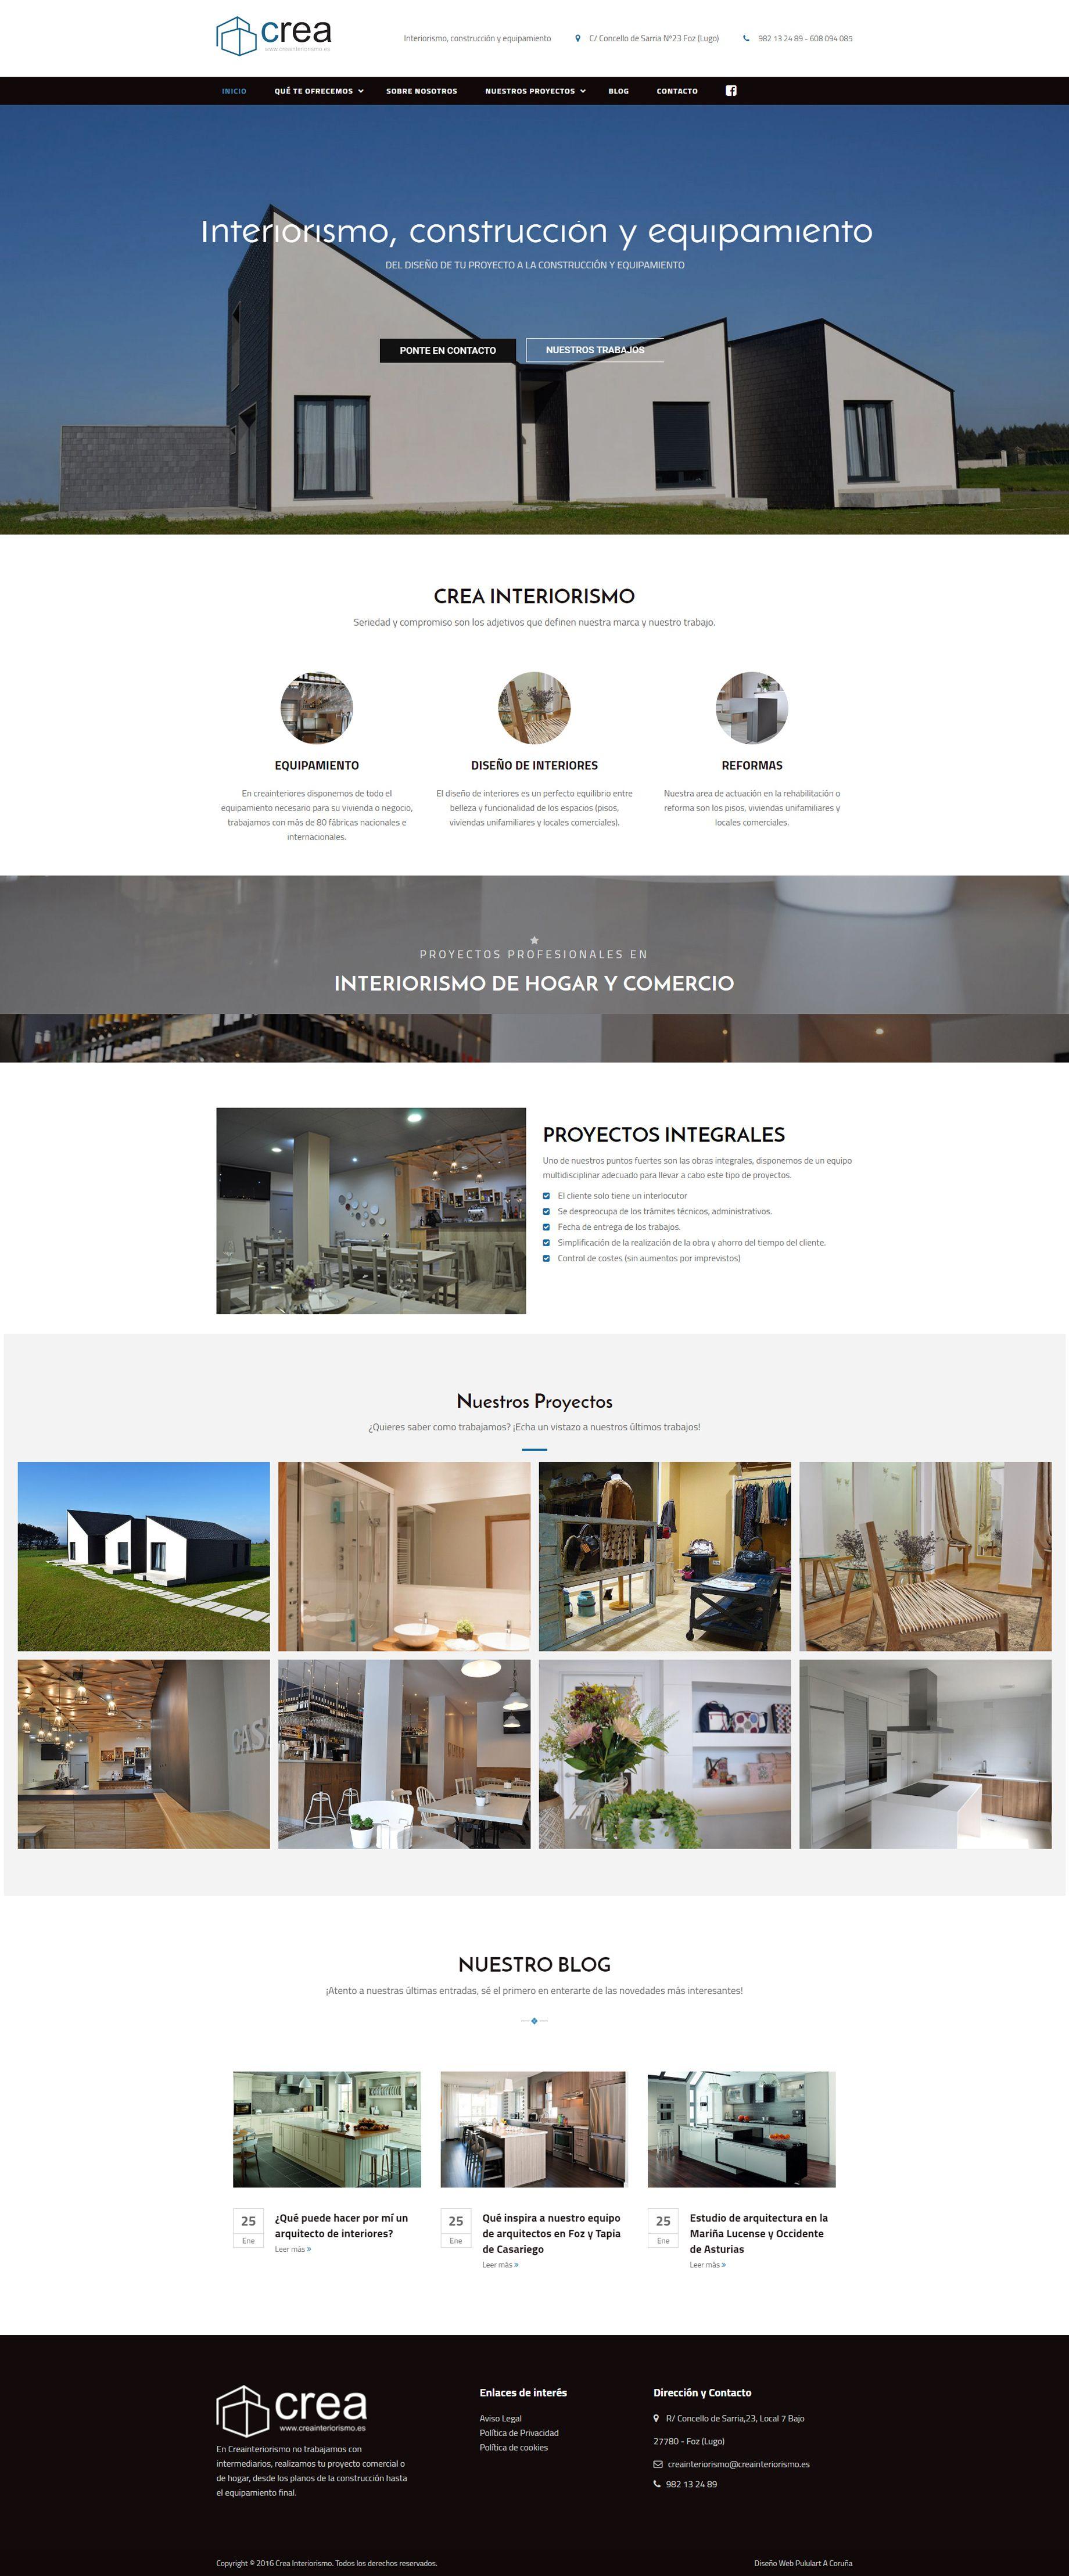 Hemos publicado la #web de Crea Interiorismo, una maravillosa página de diseño de interiores con unos proyectos impresionantes. Puedes echarle un vistazo a la página en www.creainteriorismo.es ¡No te la pierdas! ;D  #pululart #interiorismo #diseño #design #marketing #publicidad #presentación #layout #wordpress #corporativa #corporative